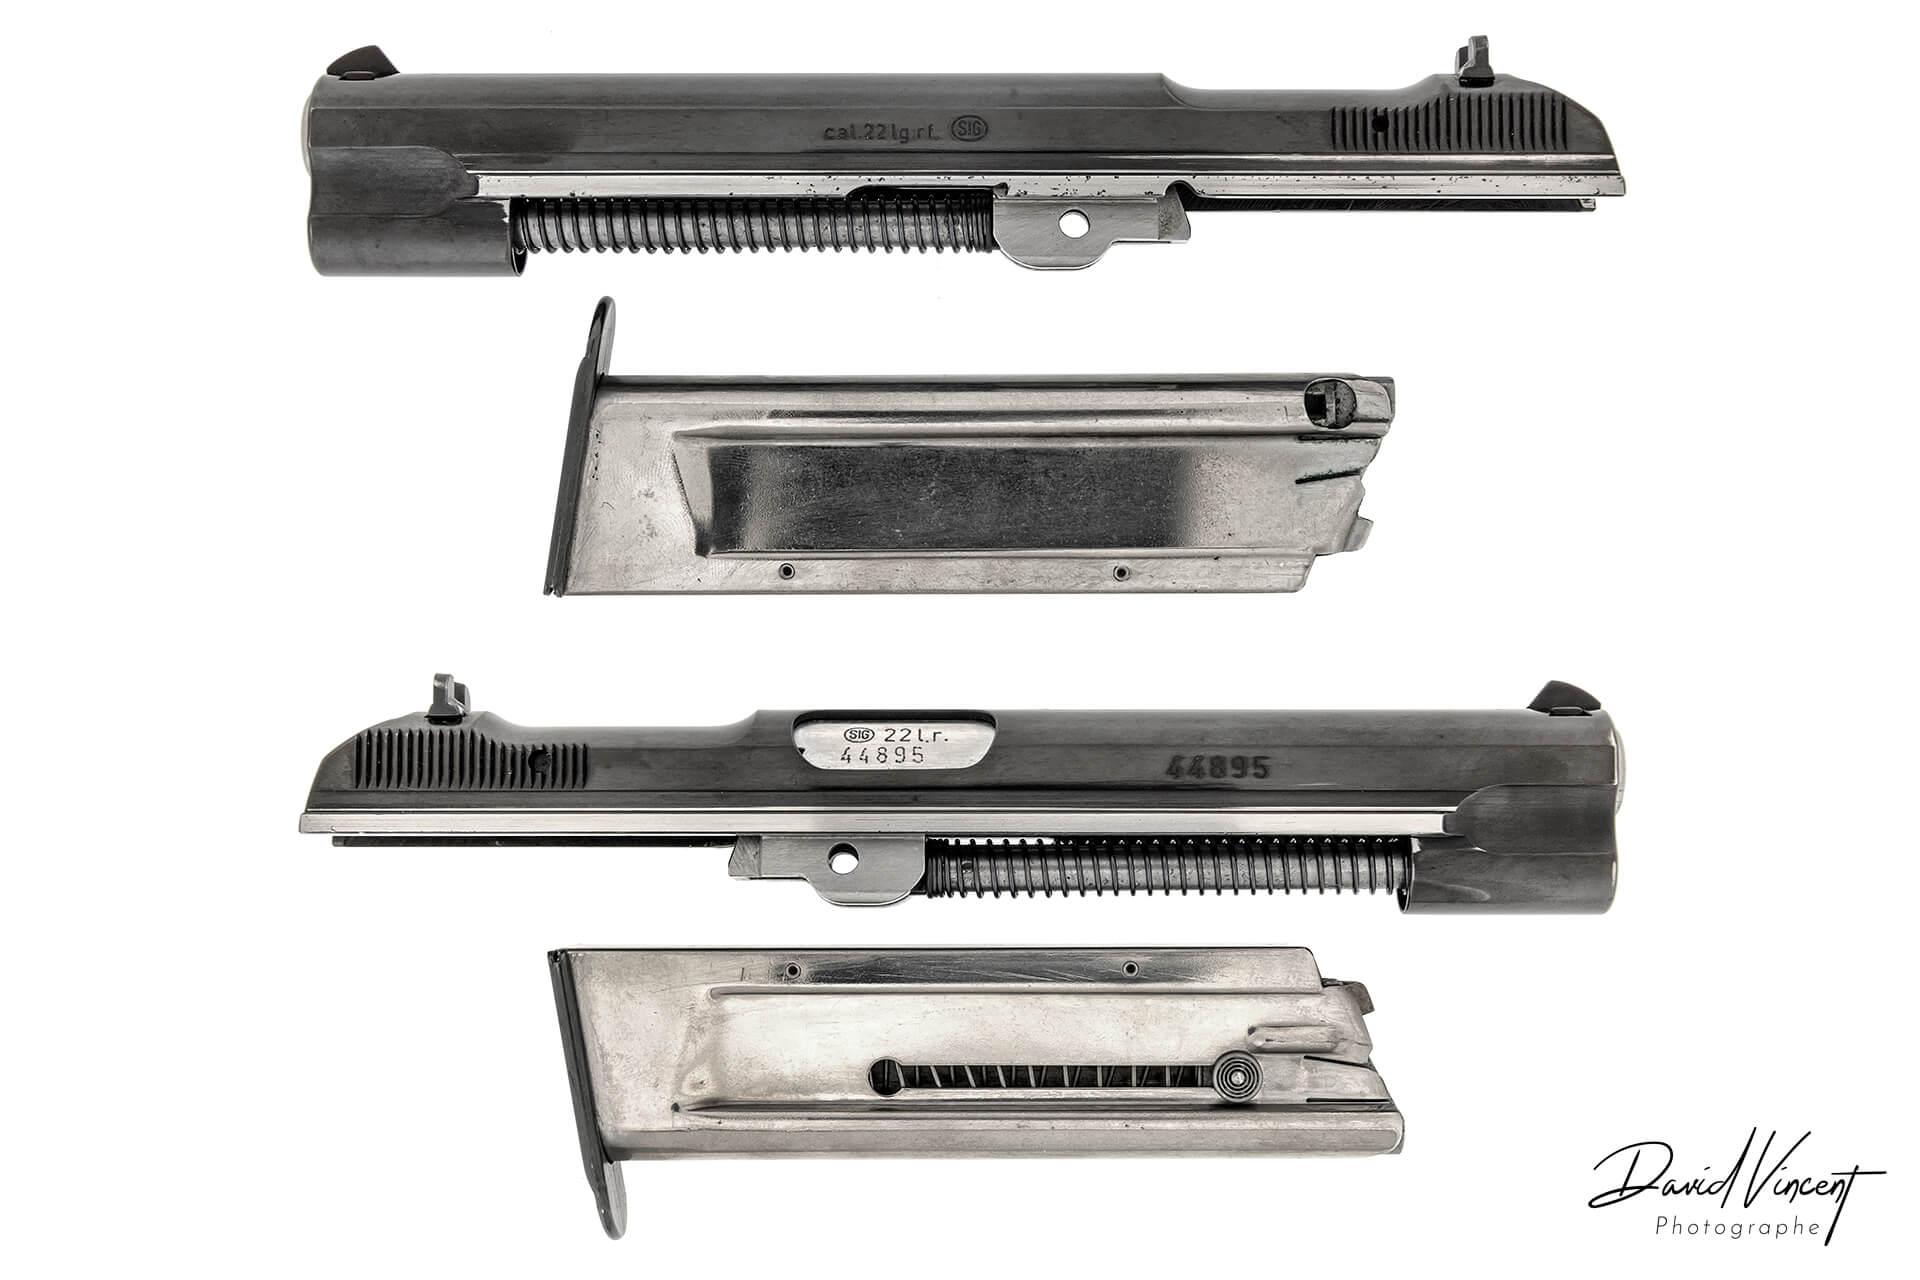 SIG P210 22LR Converter - Photographe d'armes à feu